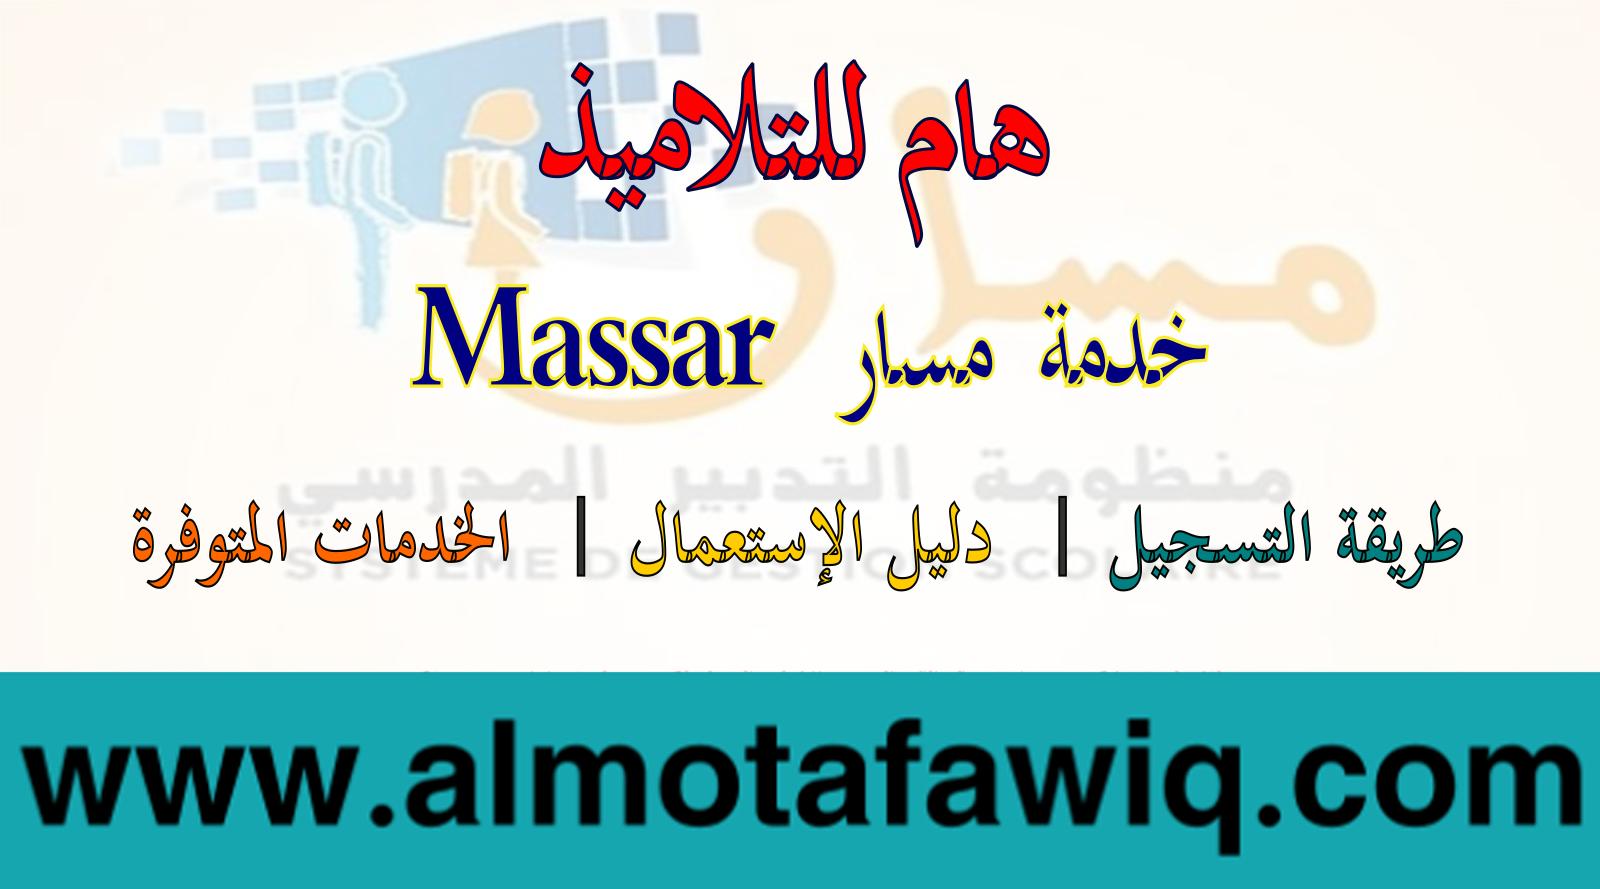 خدمة مسار Massar للتلاميذ